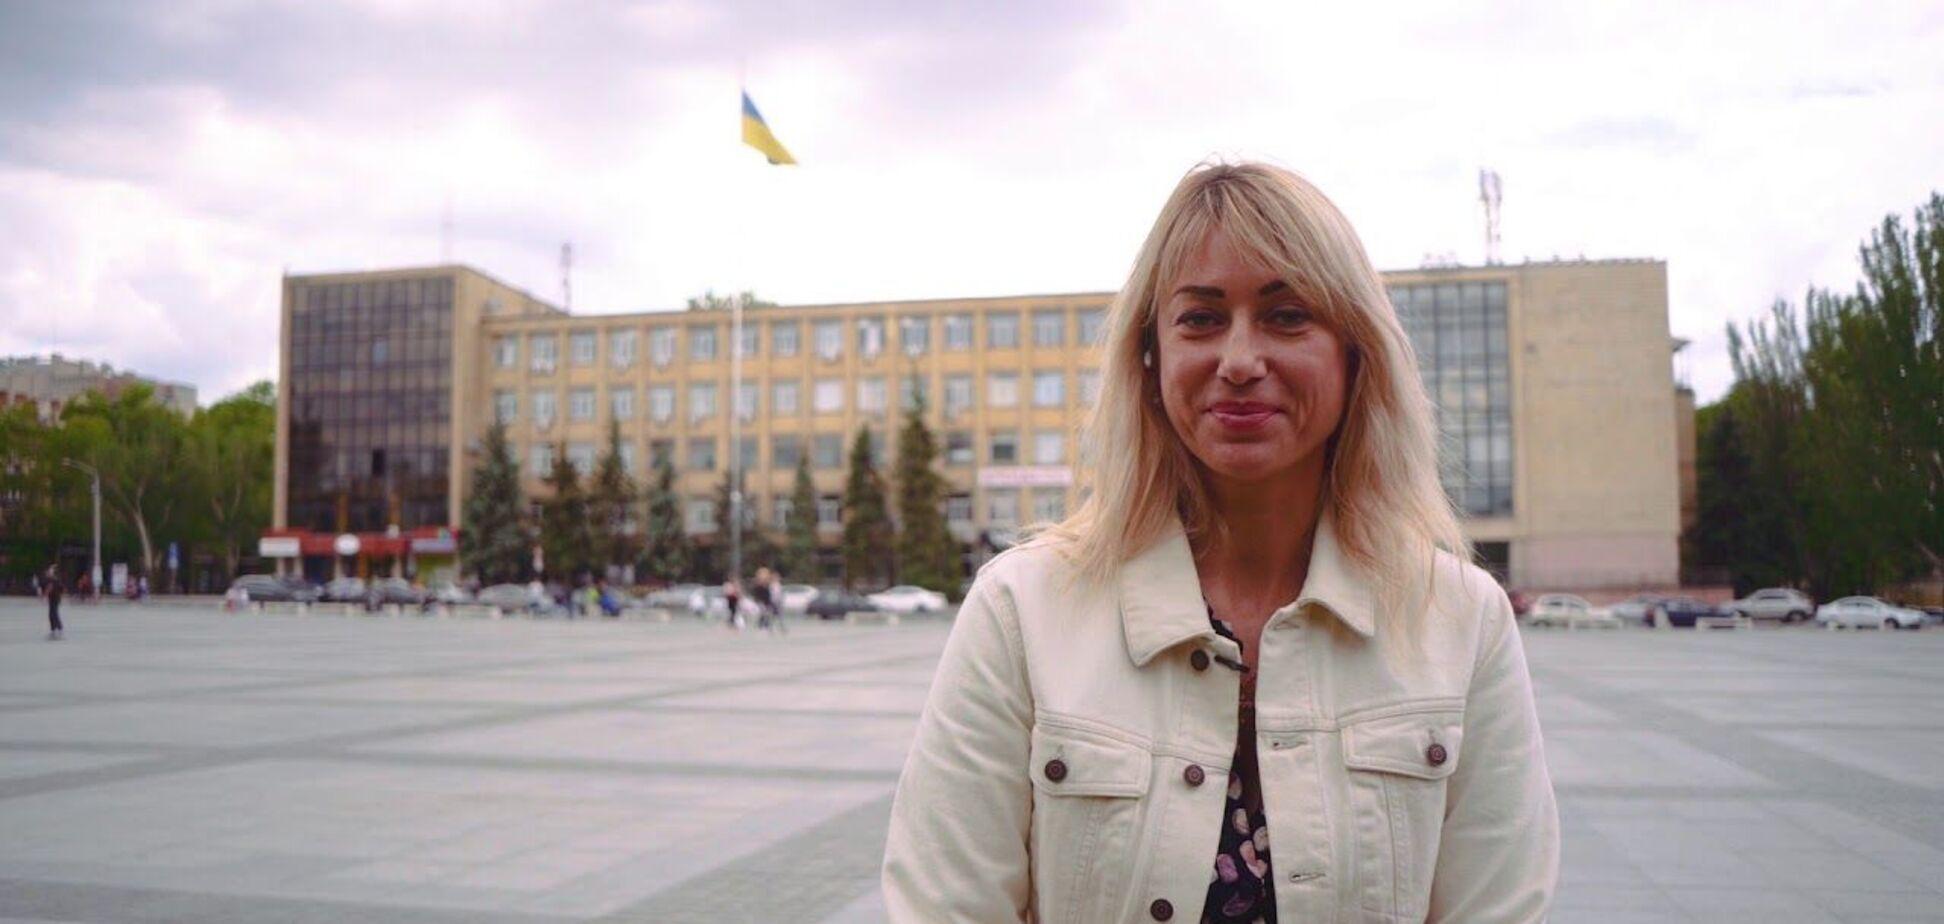 Домбровська заявила про фейки. Джерело: nikvesti.com